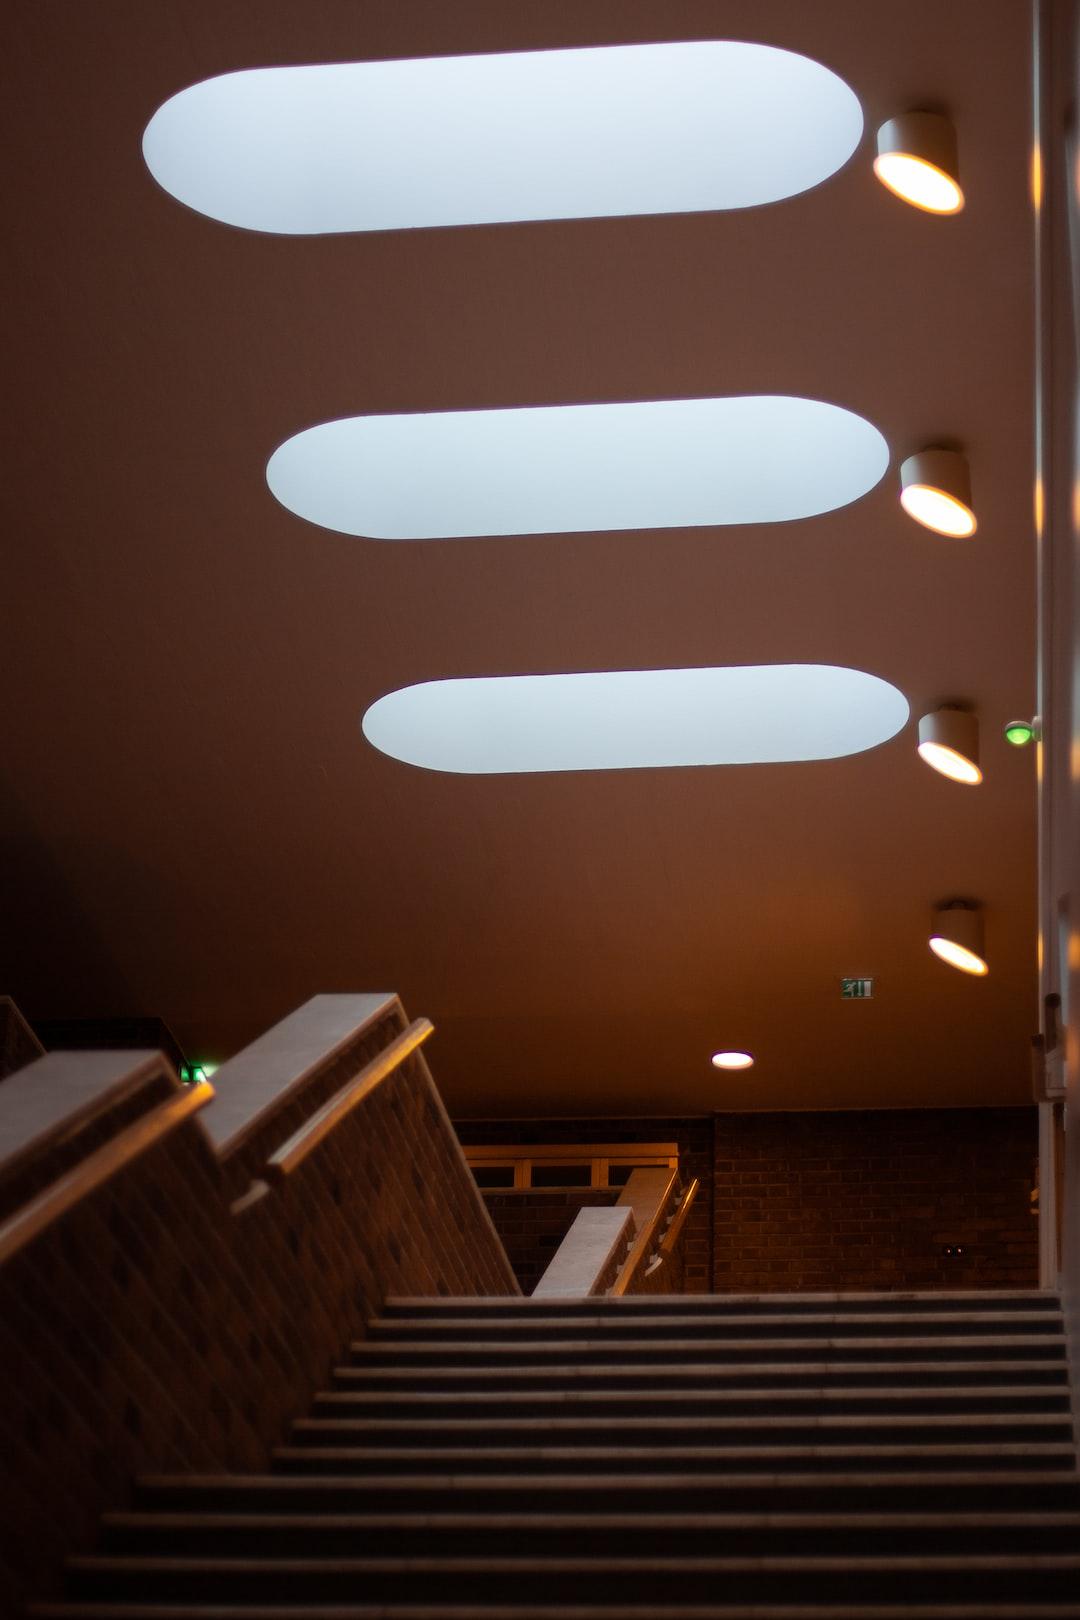 Interior of the University of Jyväskylä.